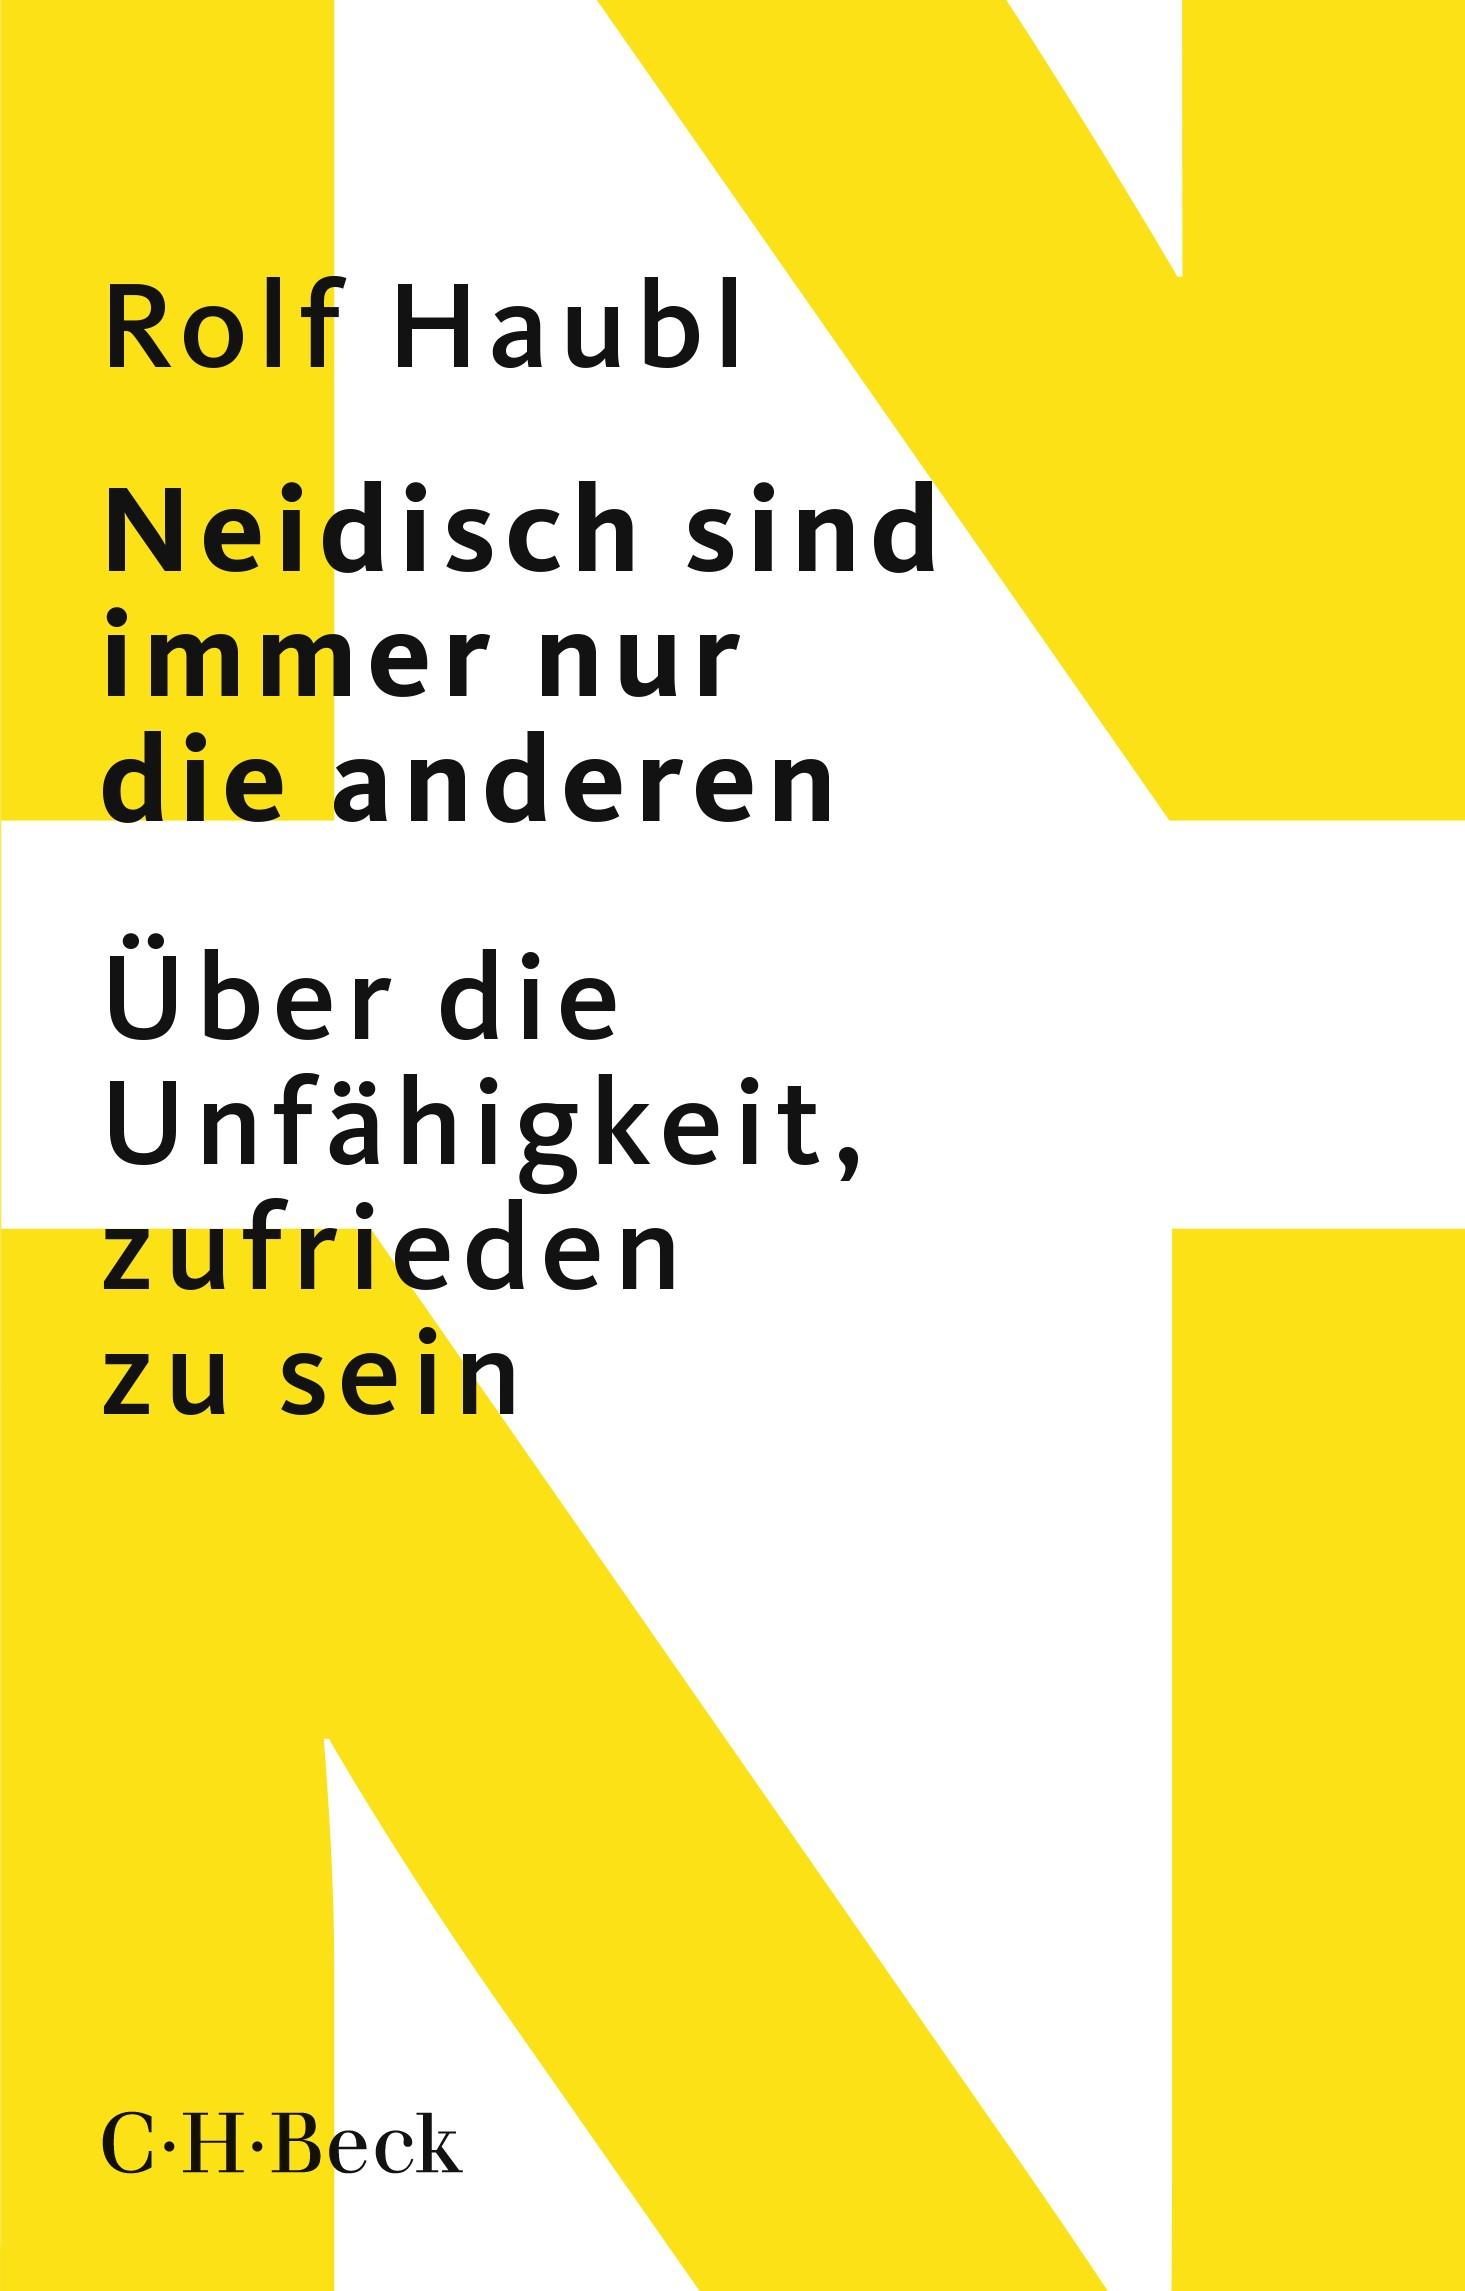 Neidisch sind immer nur die anderen | Haubl, Rolf | 2. Auflage, 2019 | Buch (Cover)